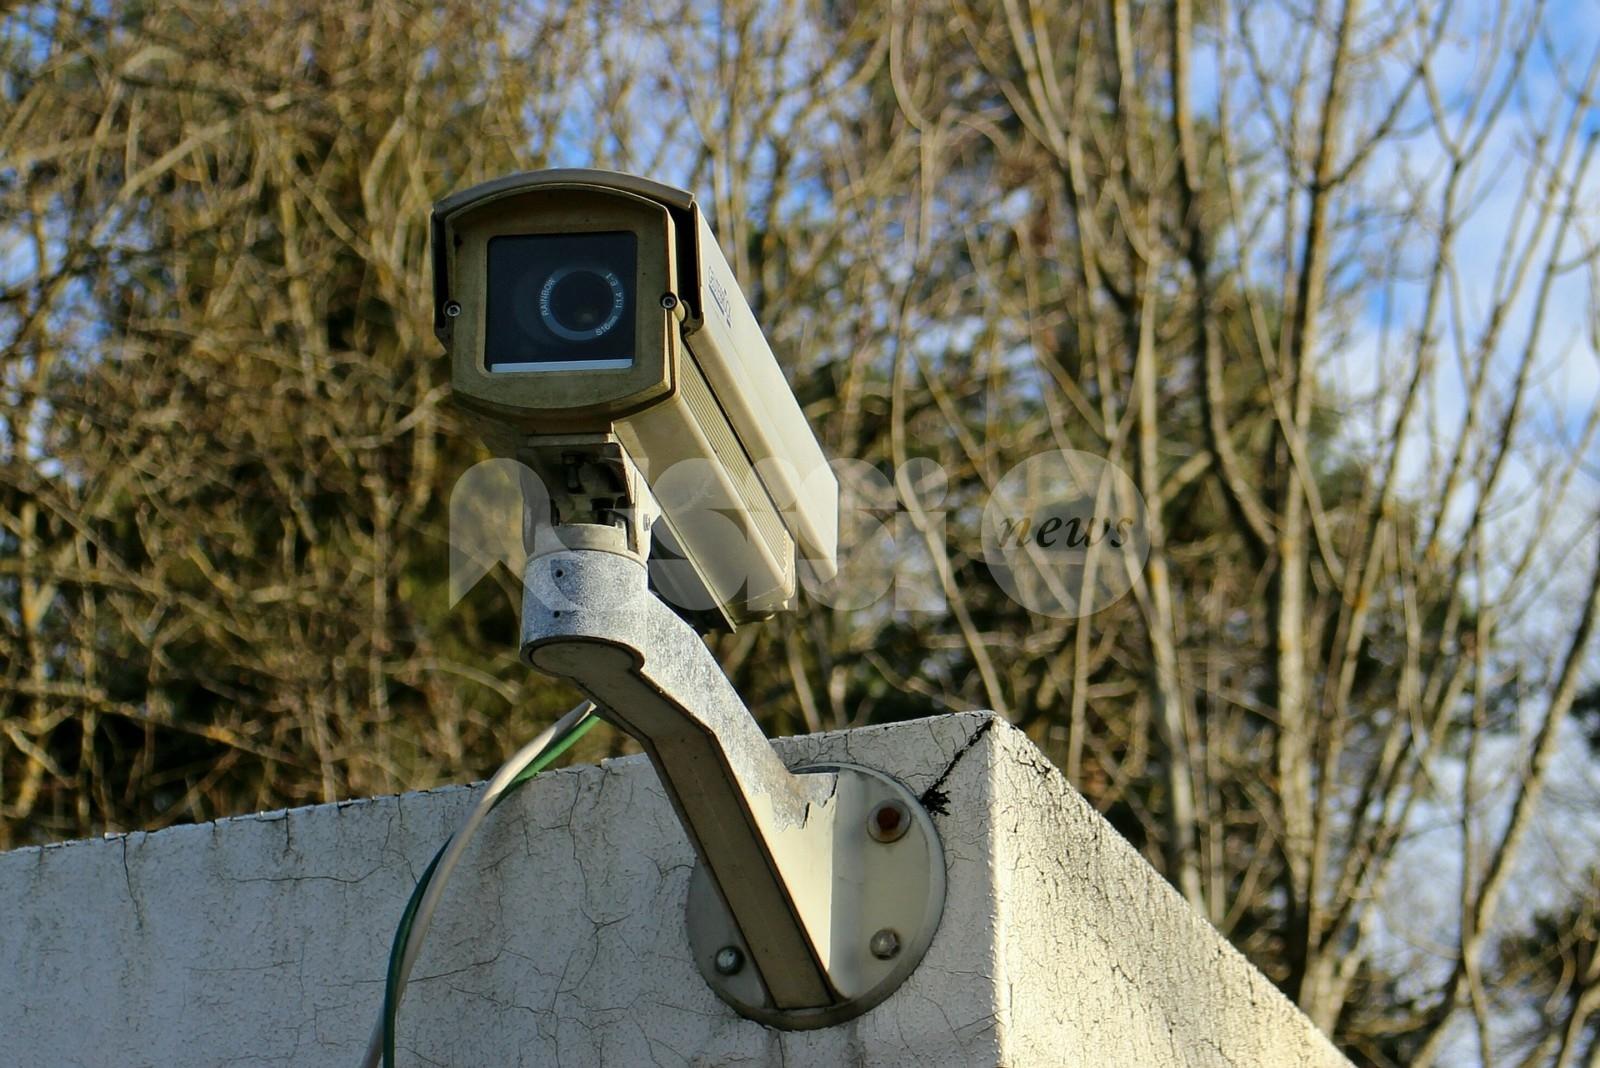 Telecamere vicino le scuole, ad Assisi 18.000 euro: dove saranno installate